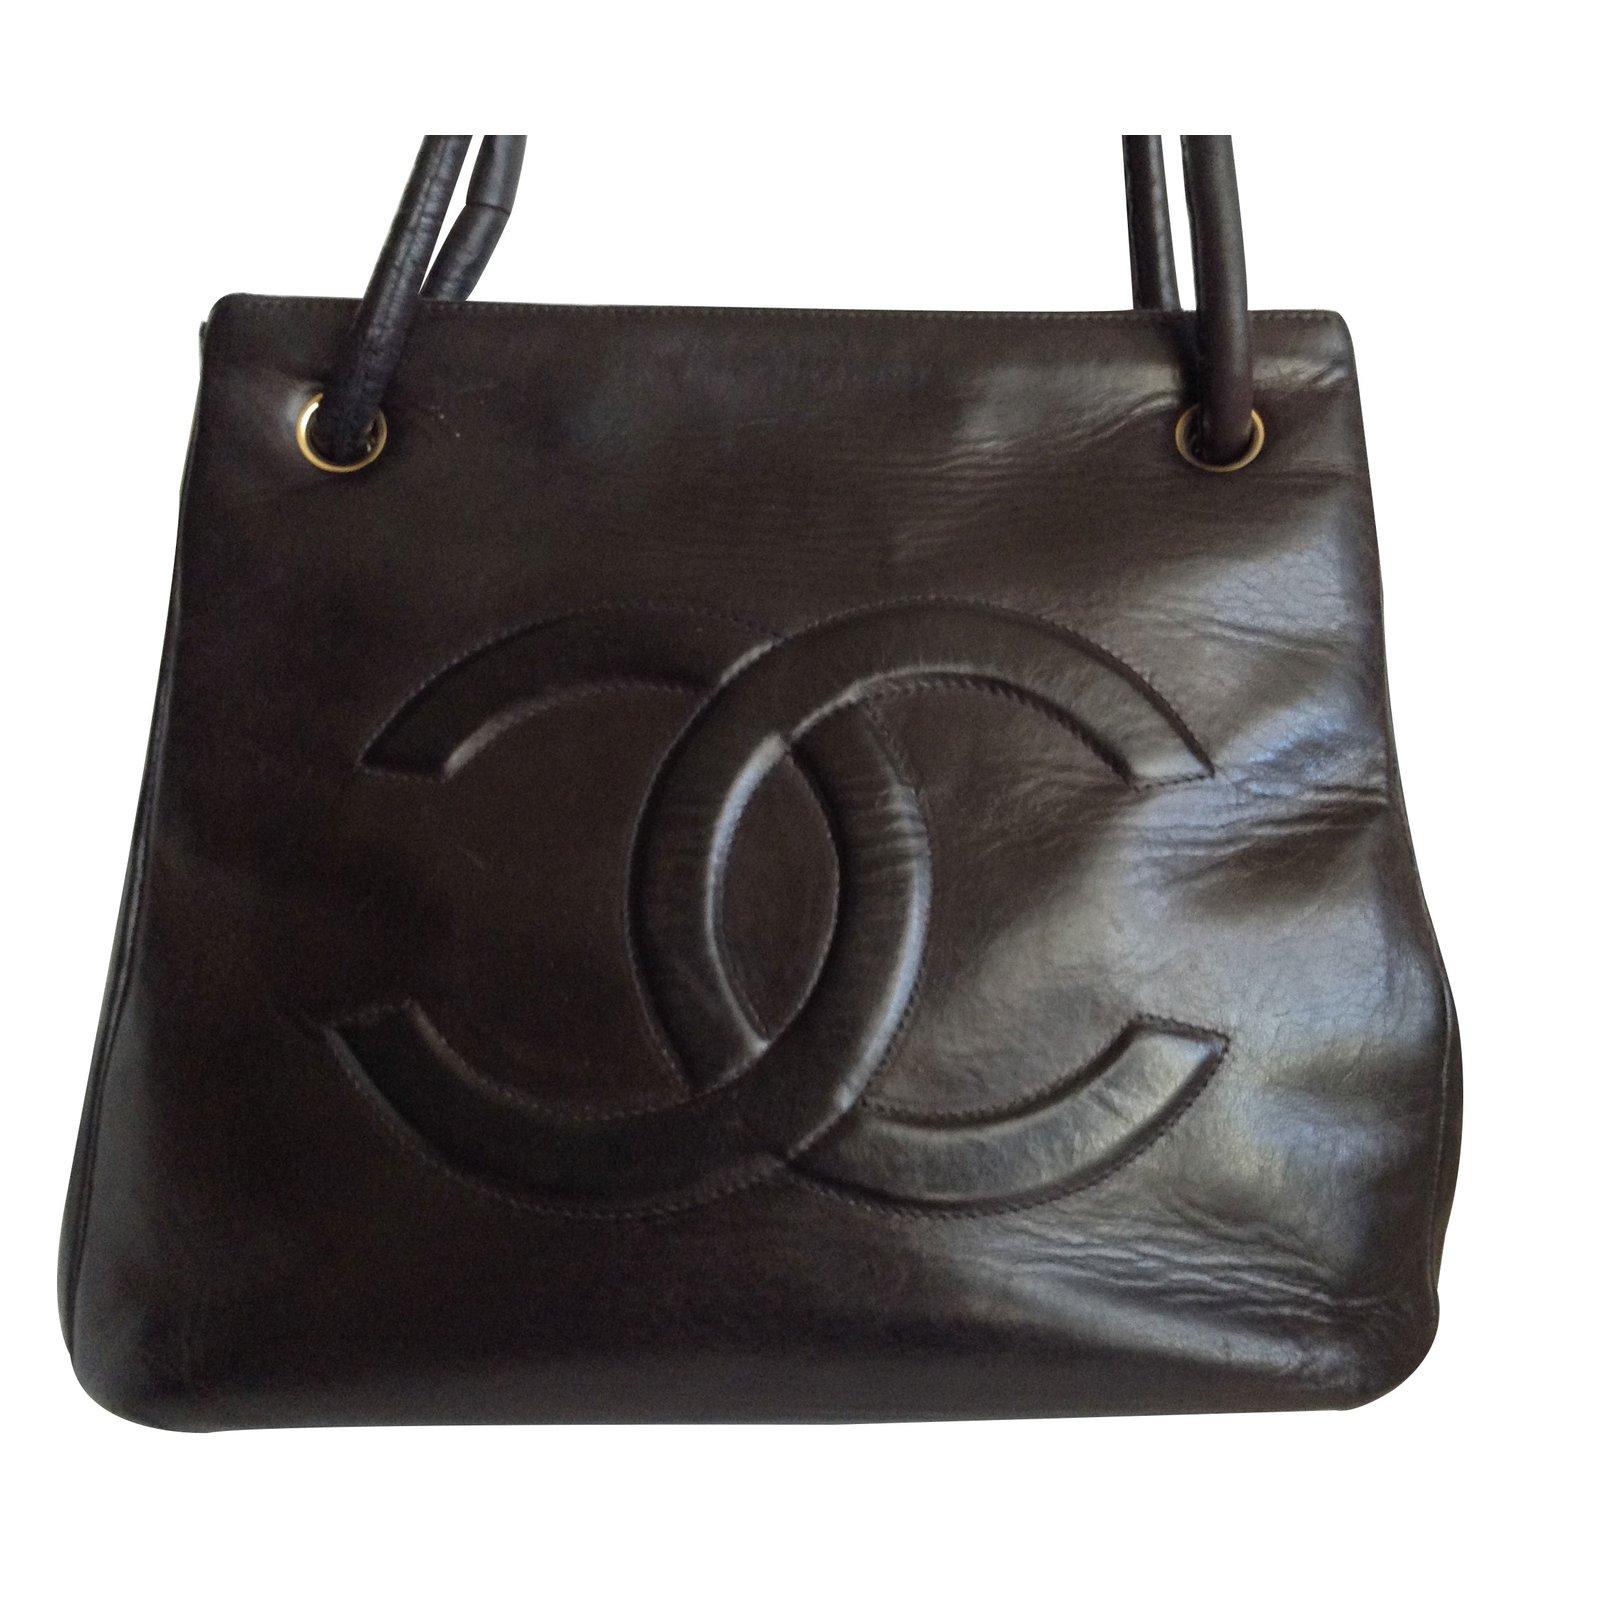 bd56ada605142 Sacs à main Chanel Sacs à main Cuir Marron ref.9540 - Joli Closet